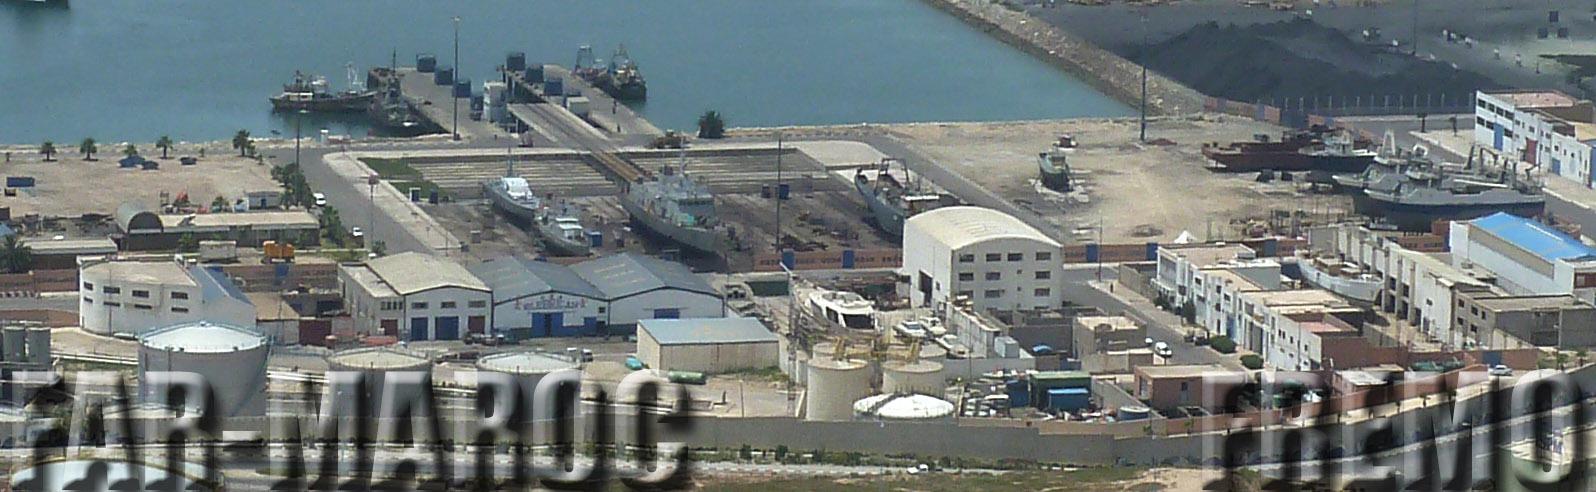 Chantier Naval Agadir Founty ( CNAF ) Fremo144